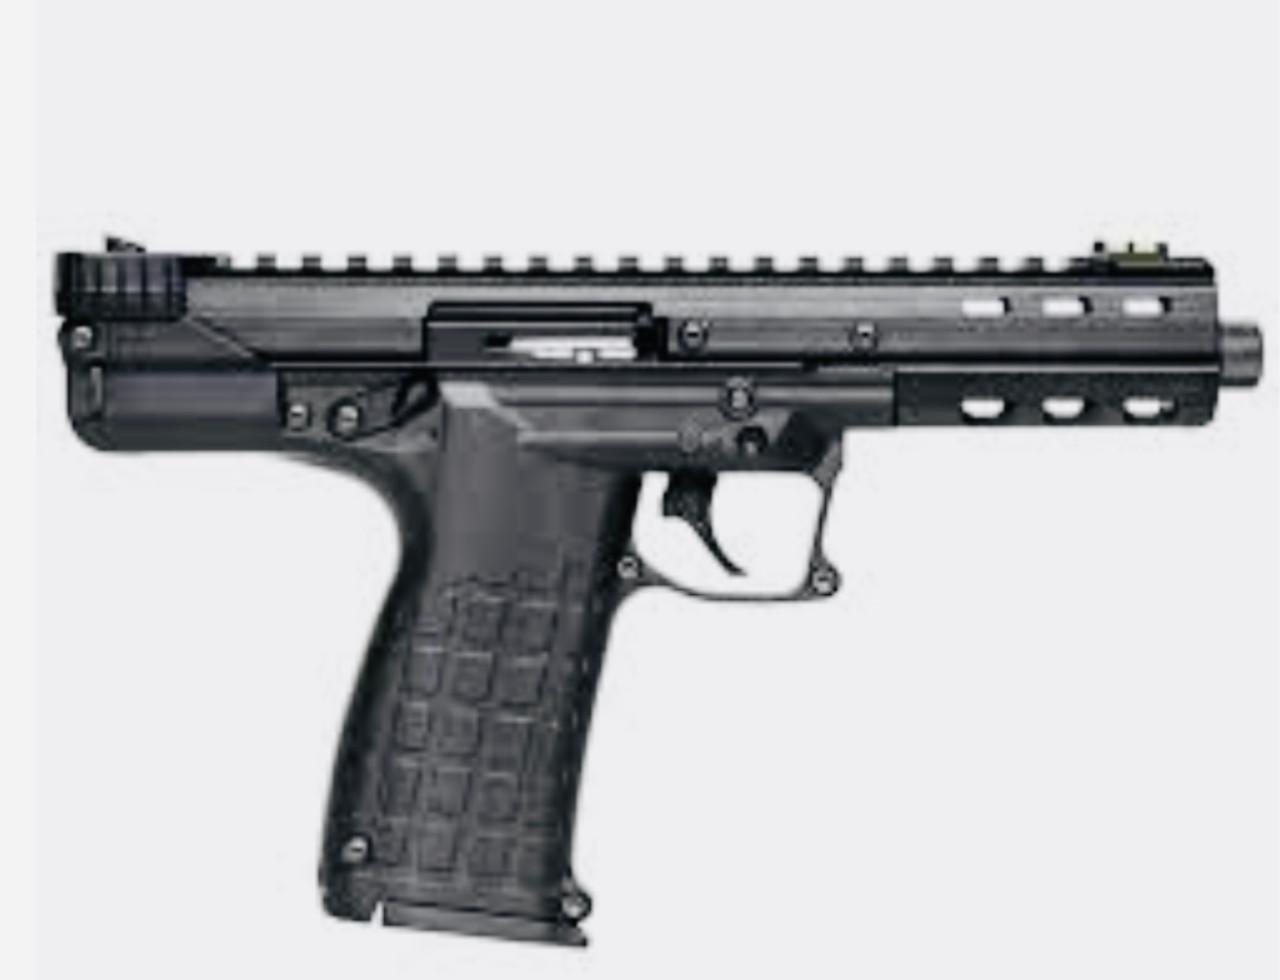 KEL-TEC CP33 22LR Pistol